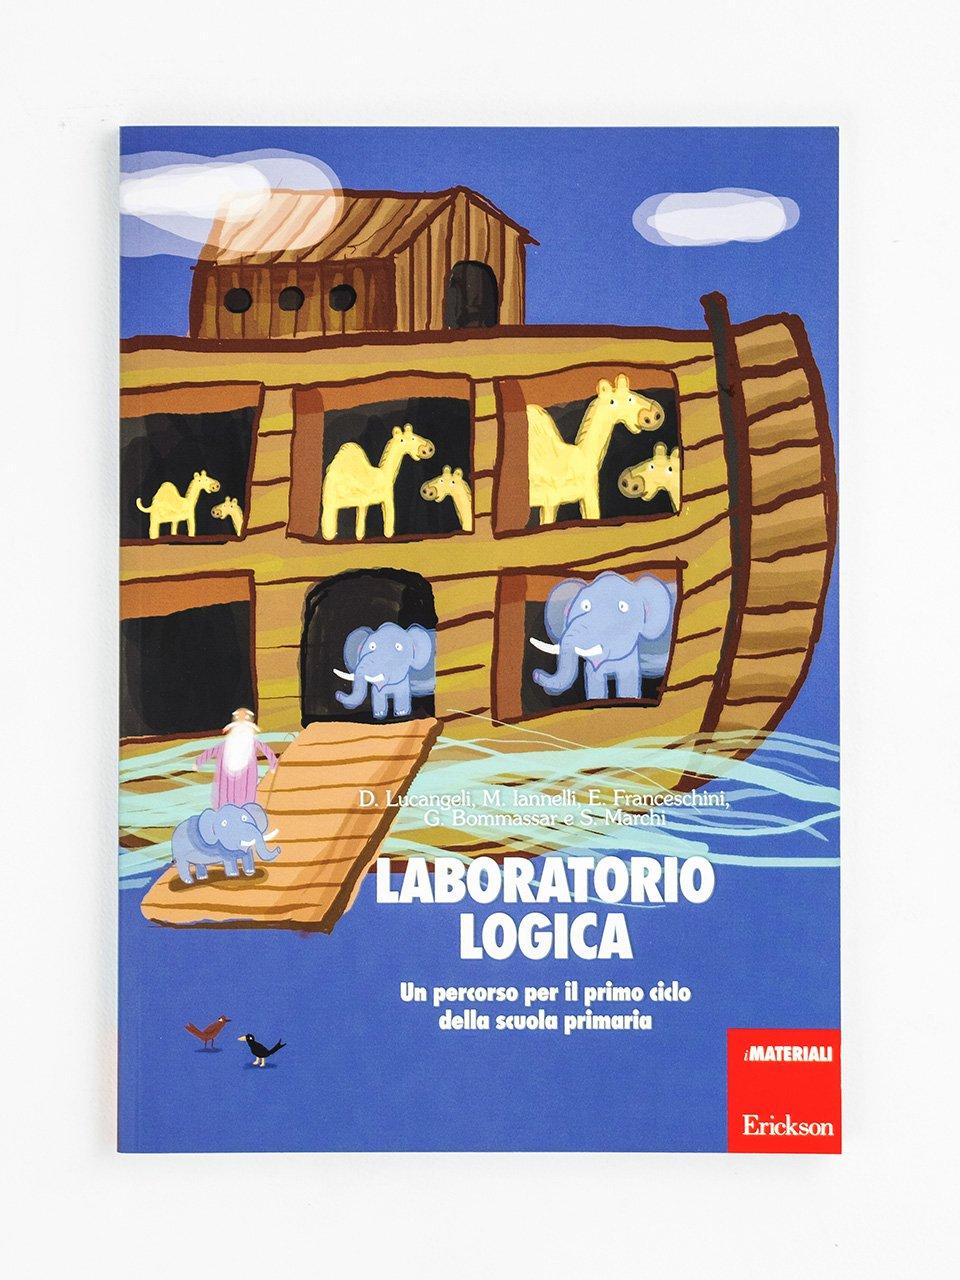 Laboratorio logica - Facciamo il punto su... La discalculia - Libri - Erickson